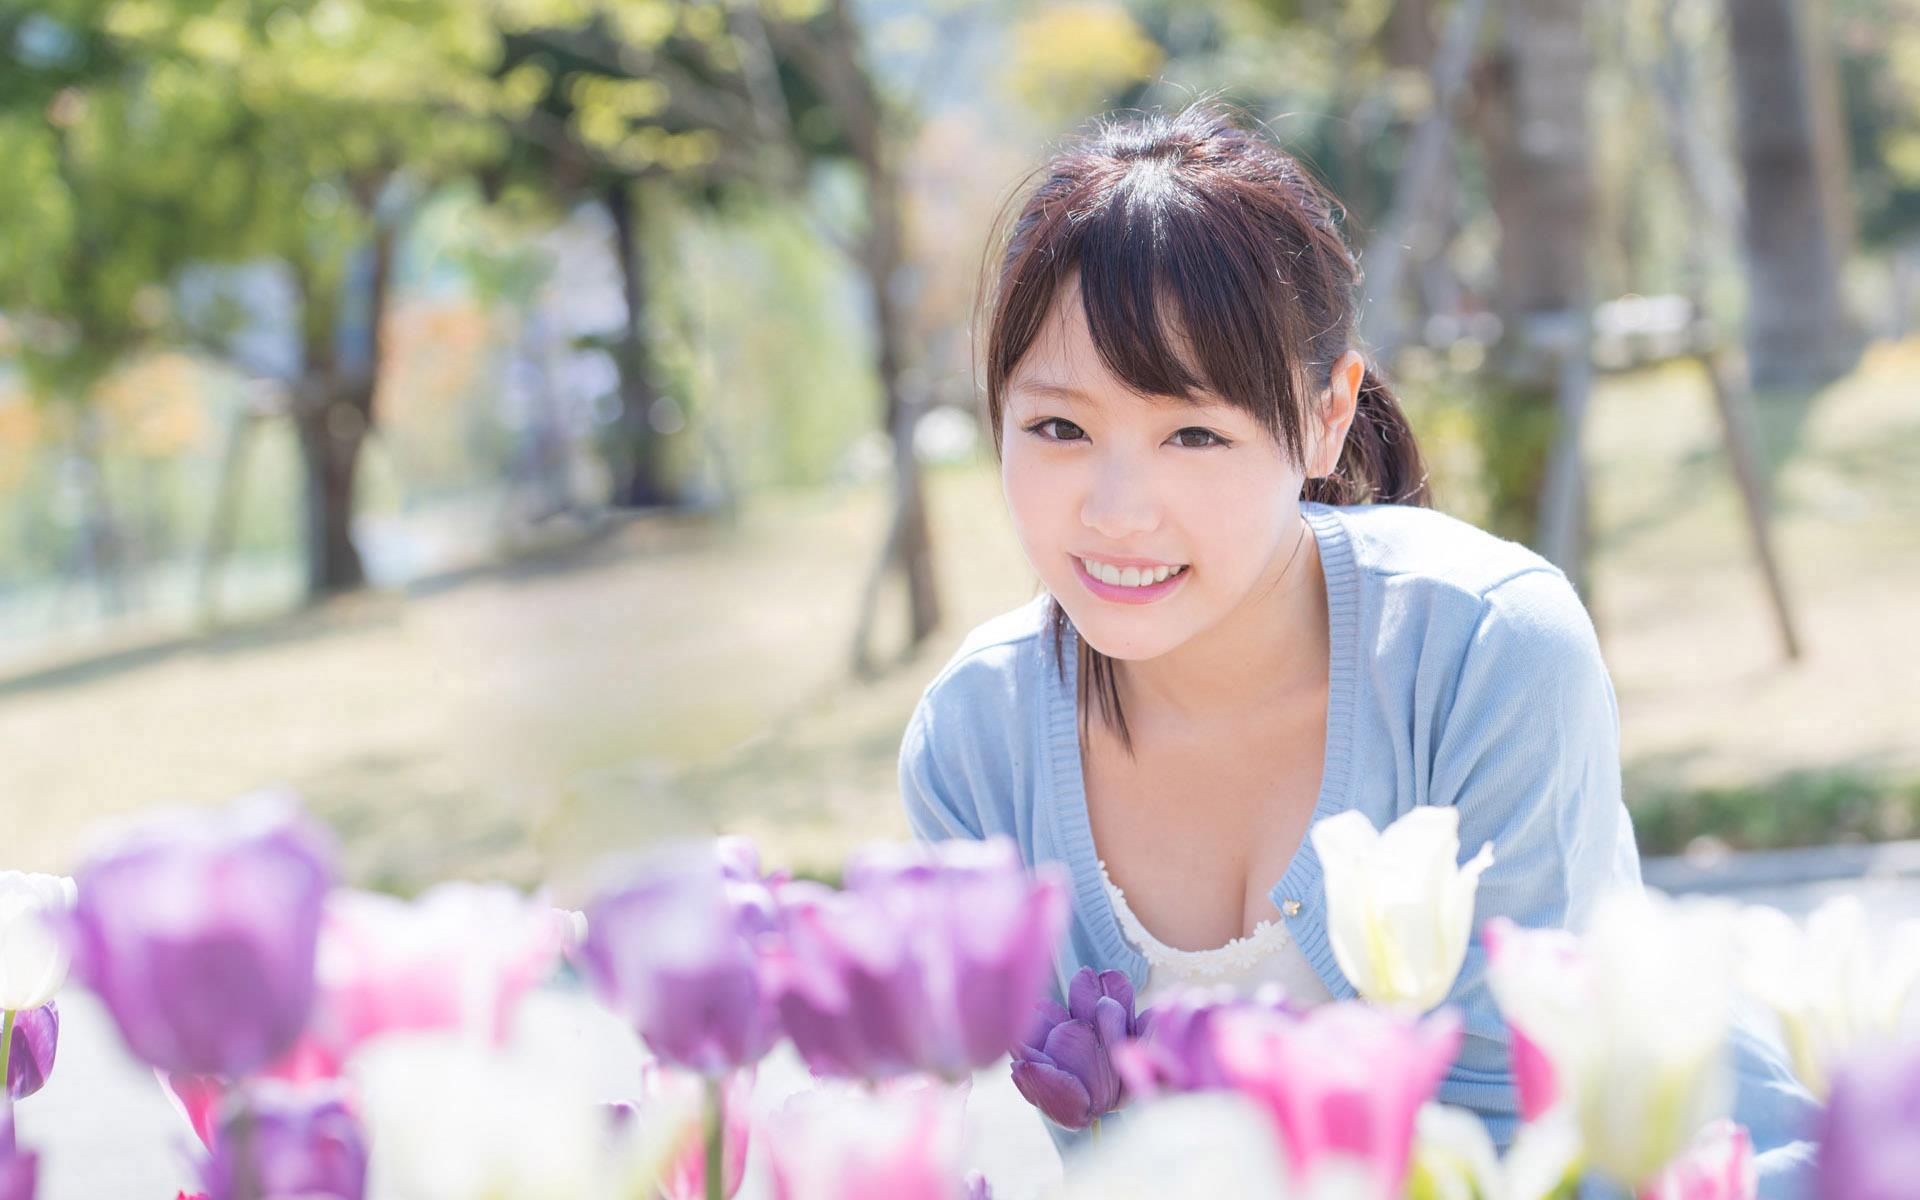 浜崎真緒(はまさきまお) ロリ顔ポニーテール、色白柔らかそうなおっぱいに包まれるセックスAV女優画像 143枚 No.1